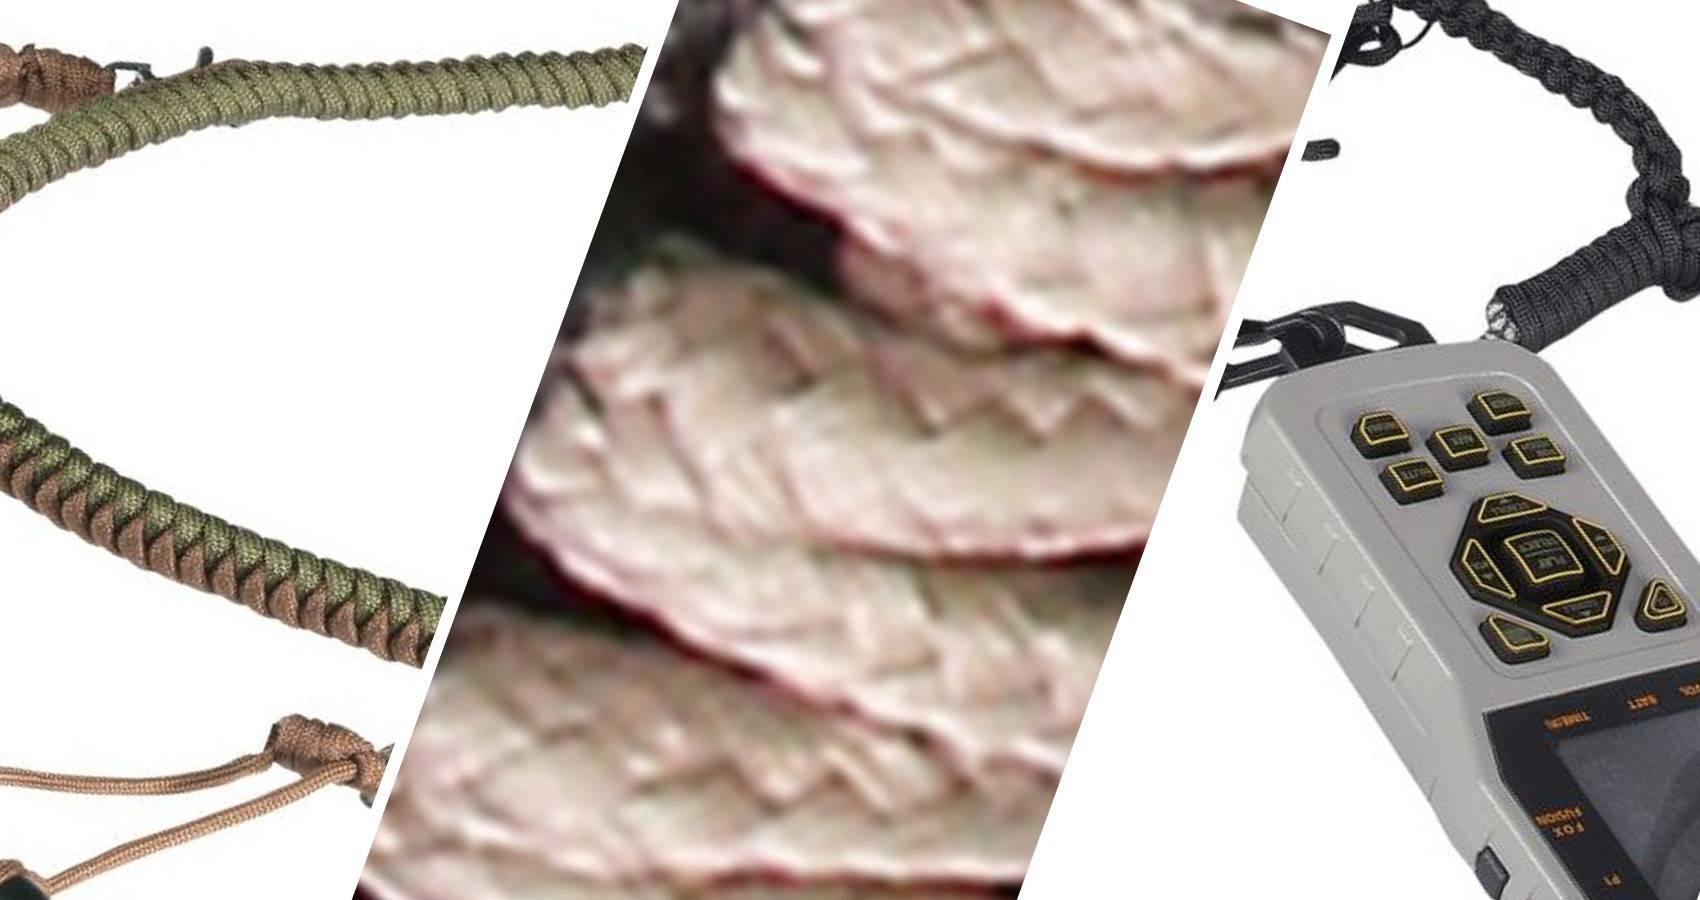 Predator /passants/ /Le meilleur pour doie Guguluza Duck Call Lanyard Premium tress/é /à la main Paracorde r/églable/ cerf ou Canard Jeu appels